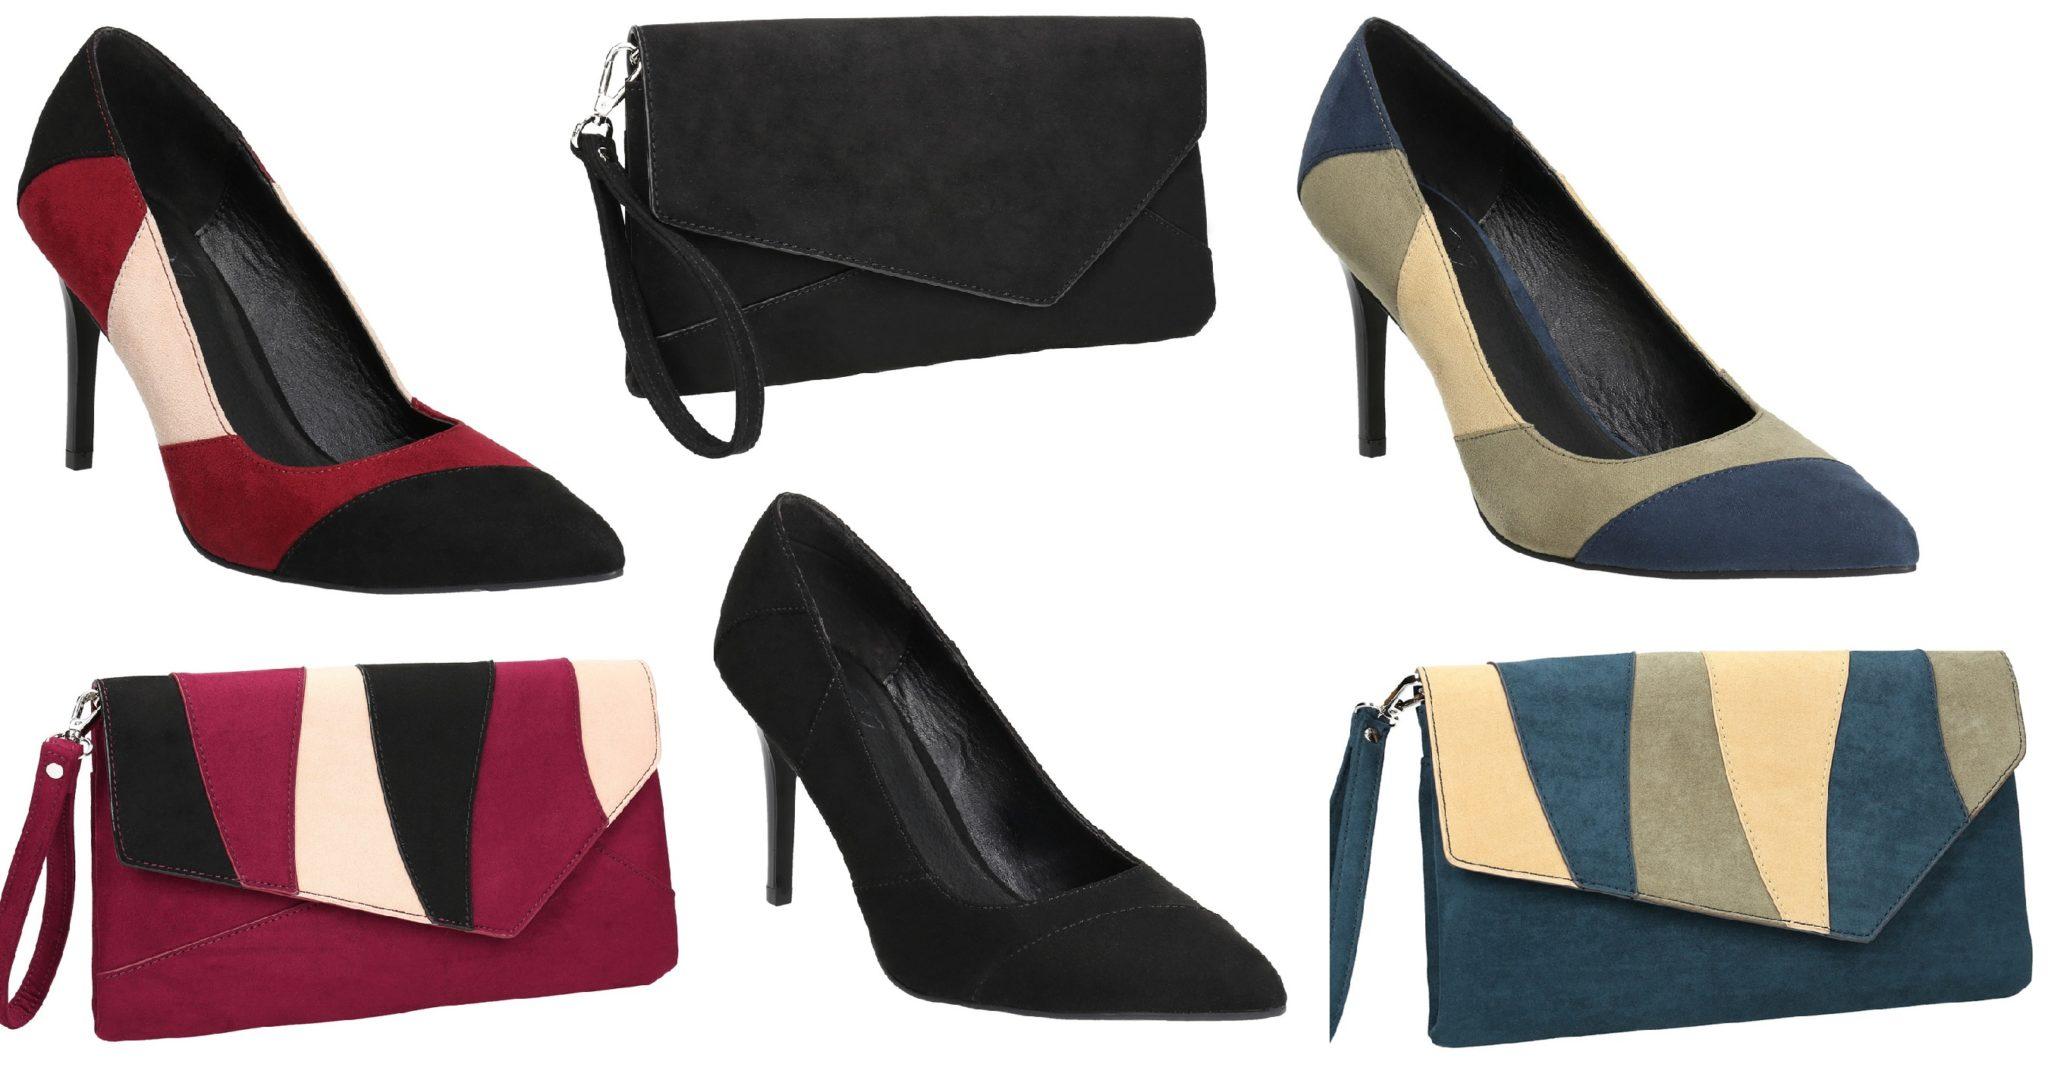 b920f4588fad1 Baťa odprezentovala novú kolekciu obuvi na sezónu jeseň/zima 2017! Toto sú  najlepšie vychytávky z dámskej kolekcie!